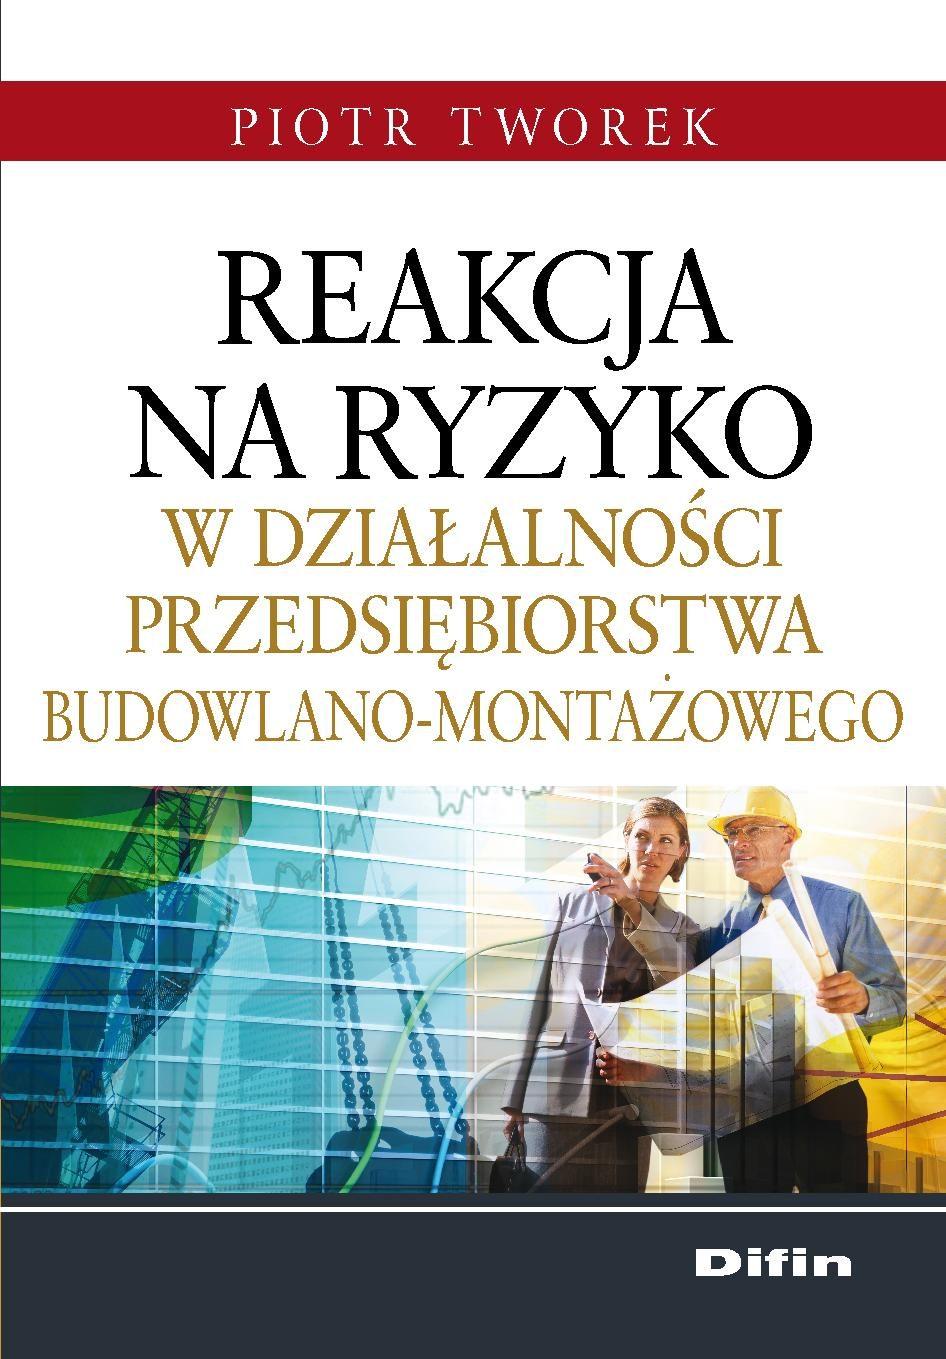 Reakcja na ryzyko w działalności przedsiębiorstwa budowlano-montażowego - Ebook (Książka PDF) do pobrania w formacie PDF